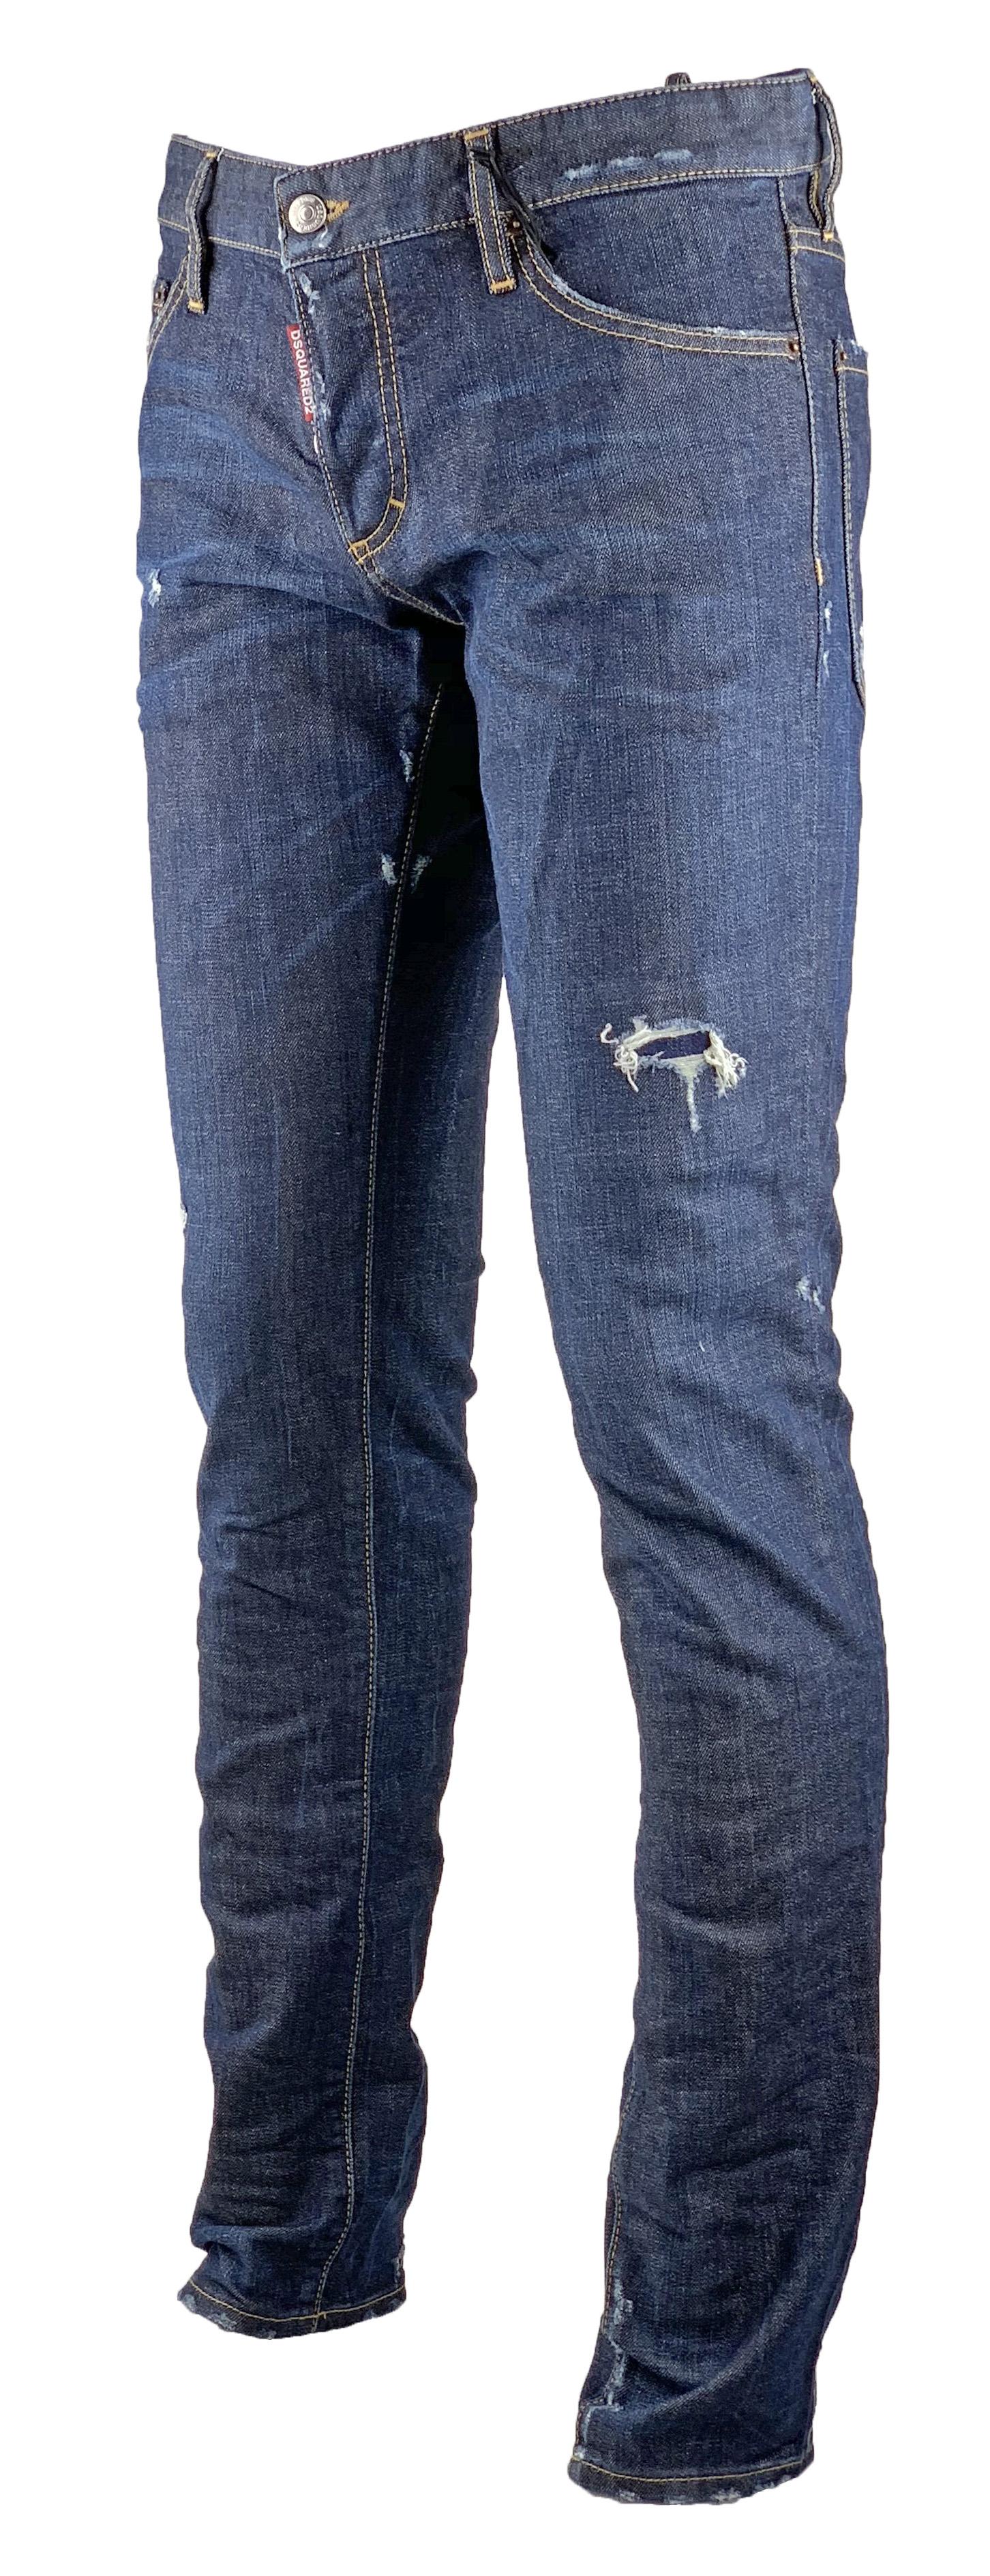 ac89cba1b8 DSquared2-Slim-Jean-S71LB0337-S30144-470-Jeans thumbnail 3